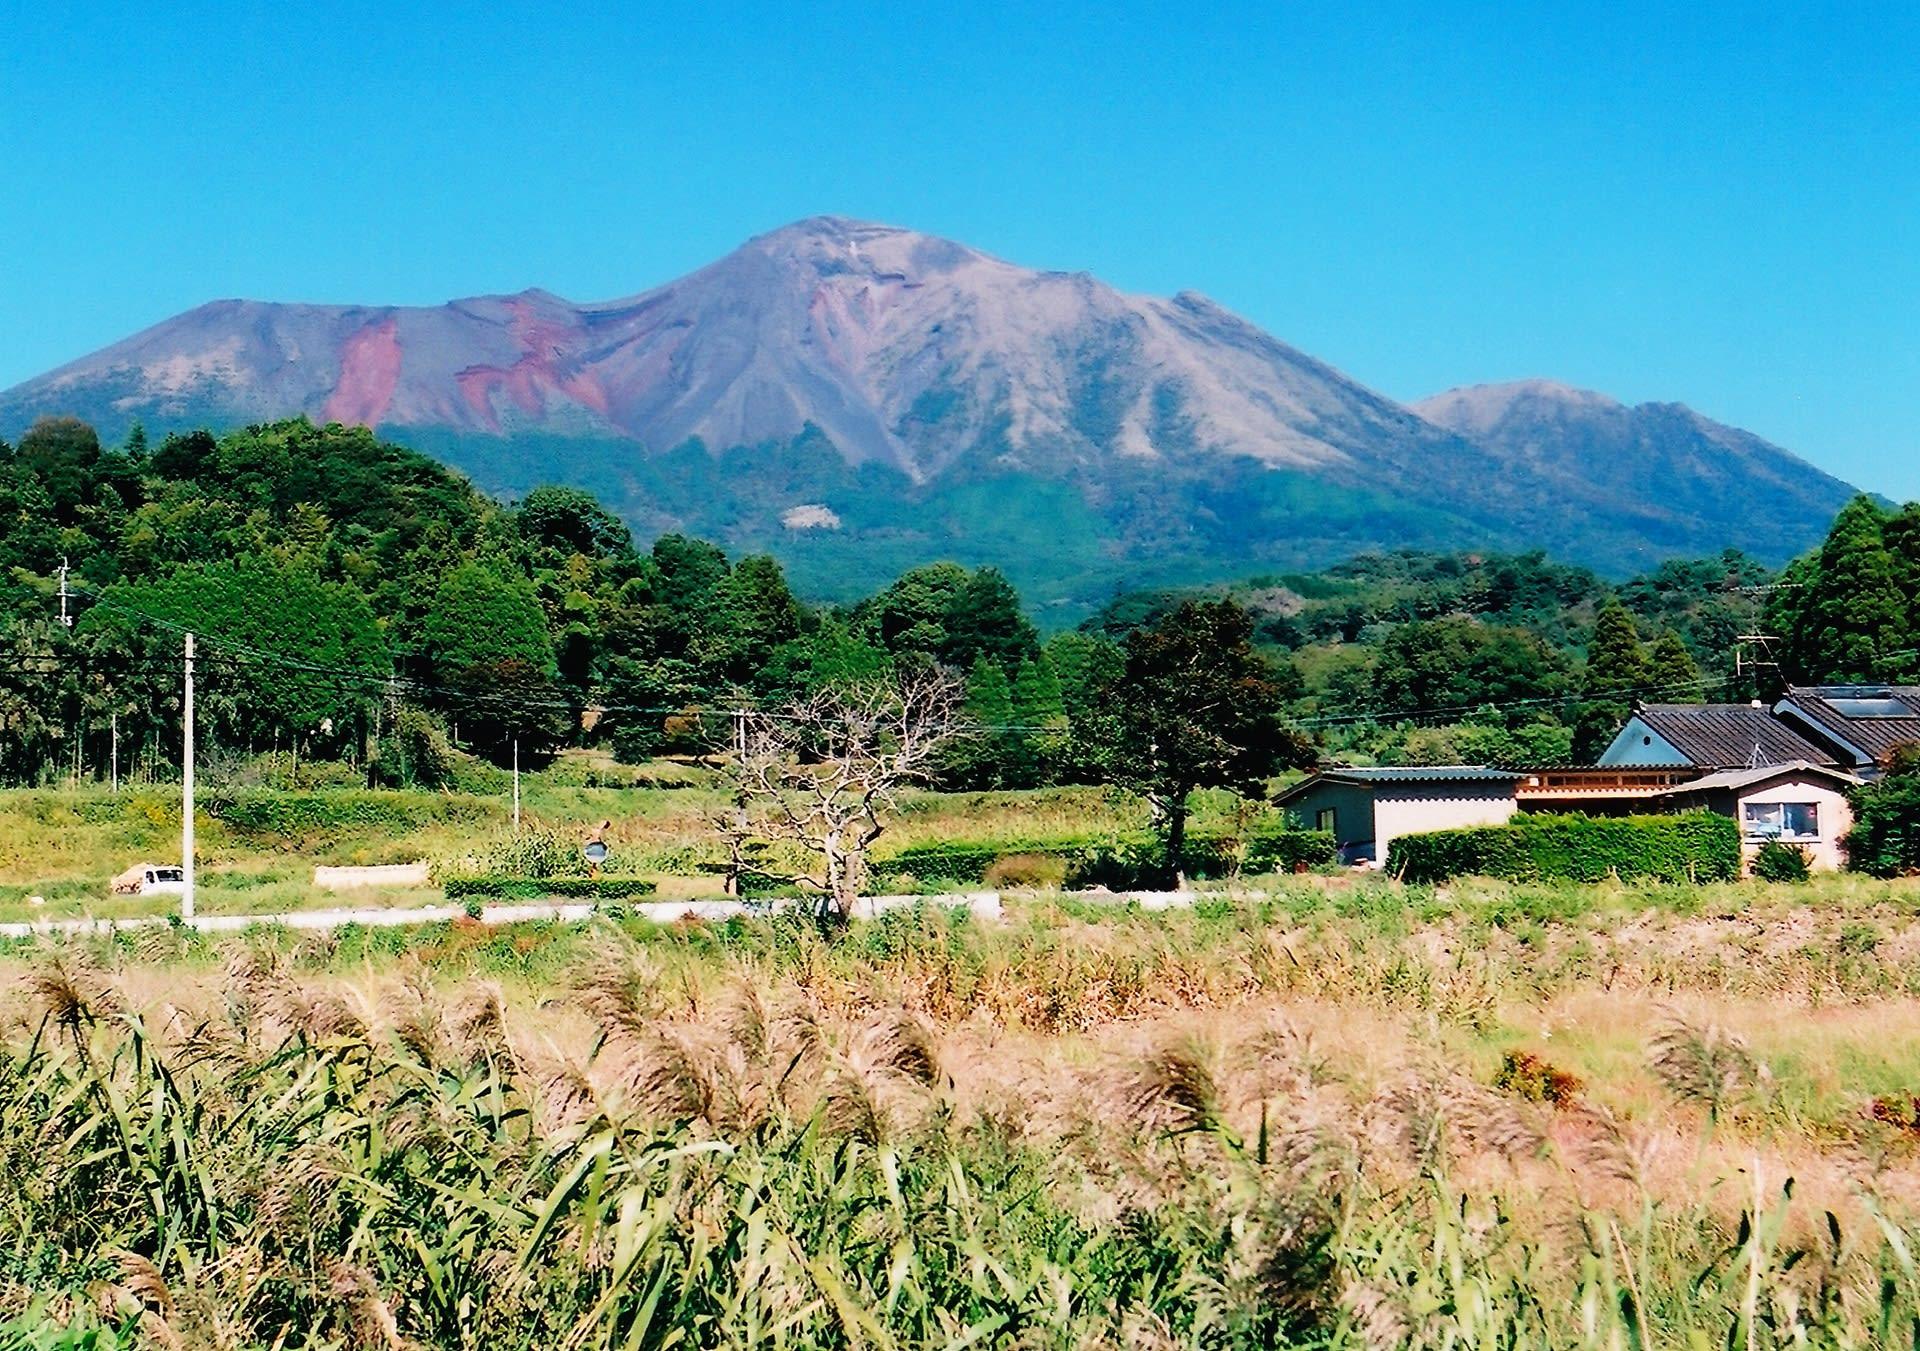 南九州の旅 2002年10月 その2 霧島山 - 風景写真春秋